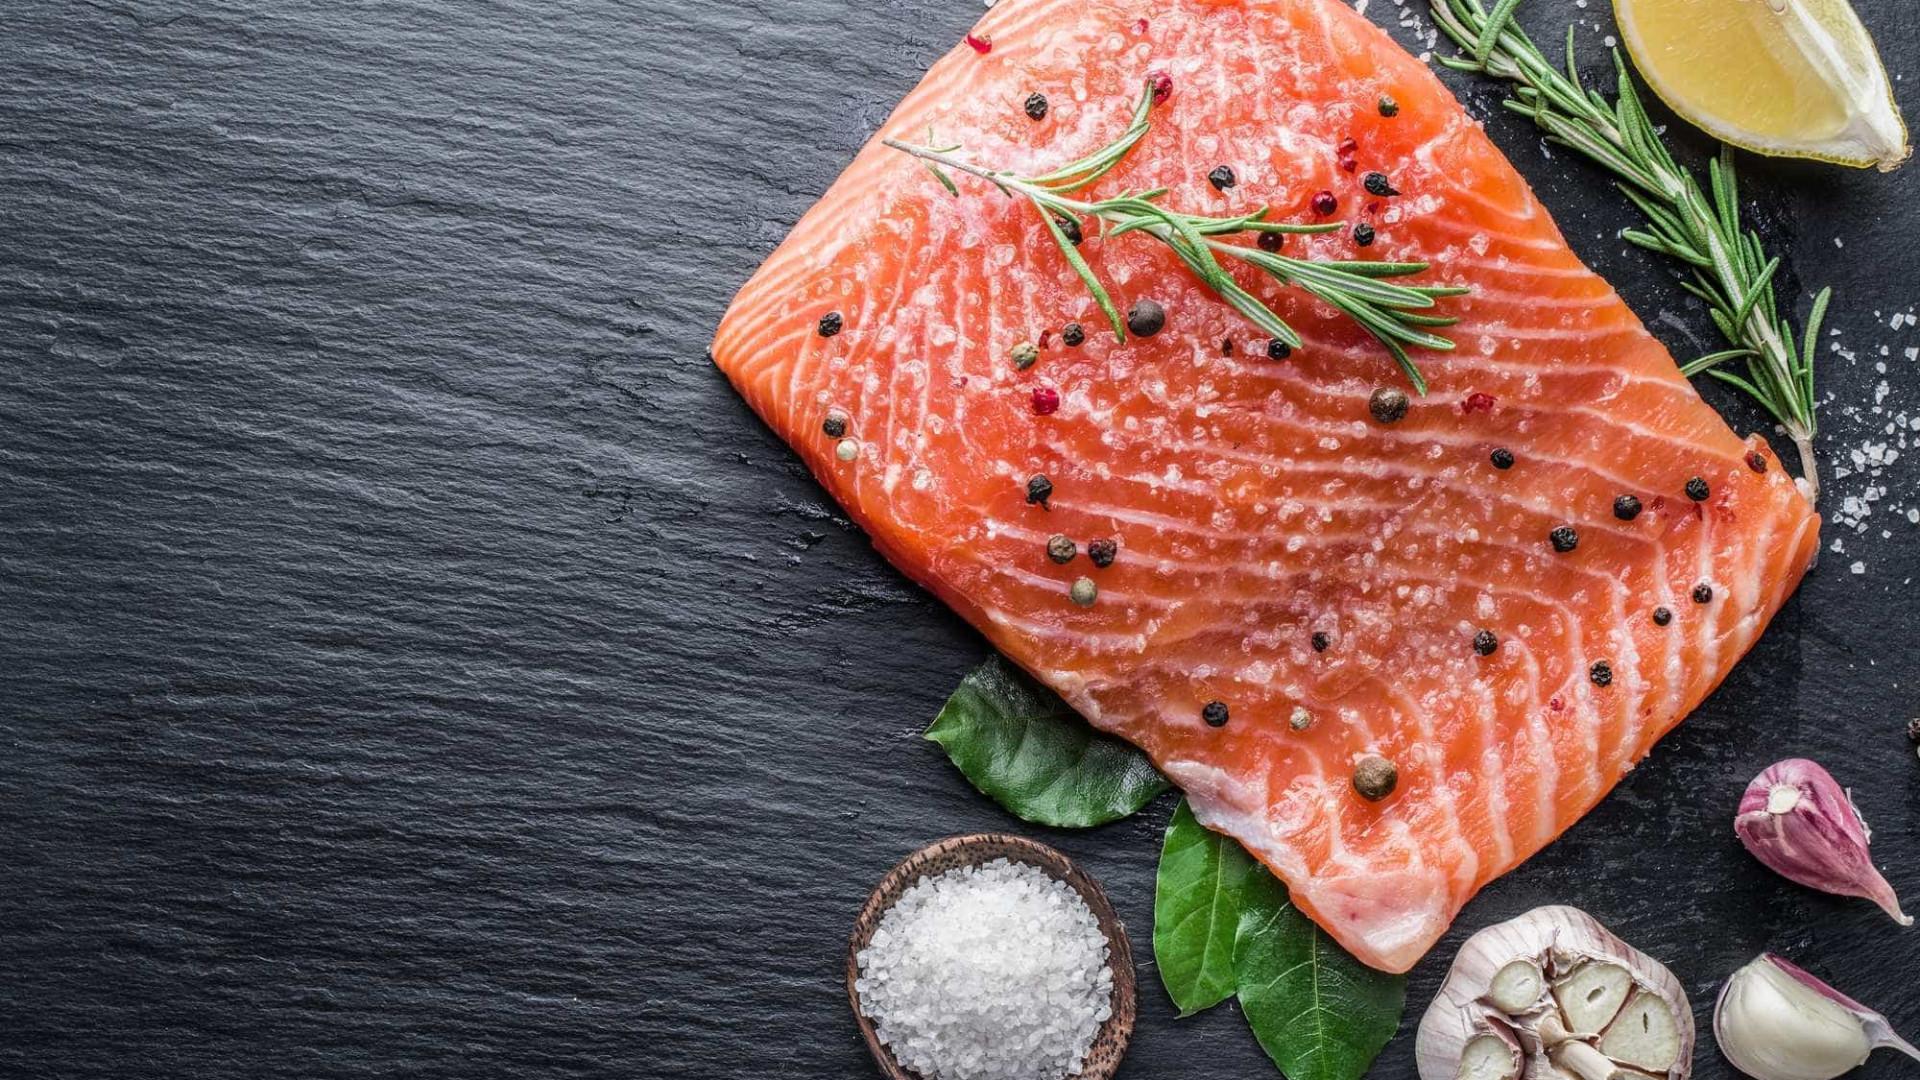 Seis alimentos ricos em proteínas e pobres em carboidratos